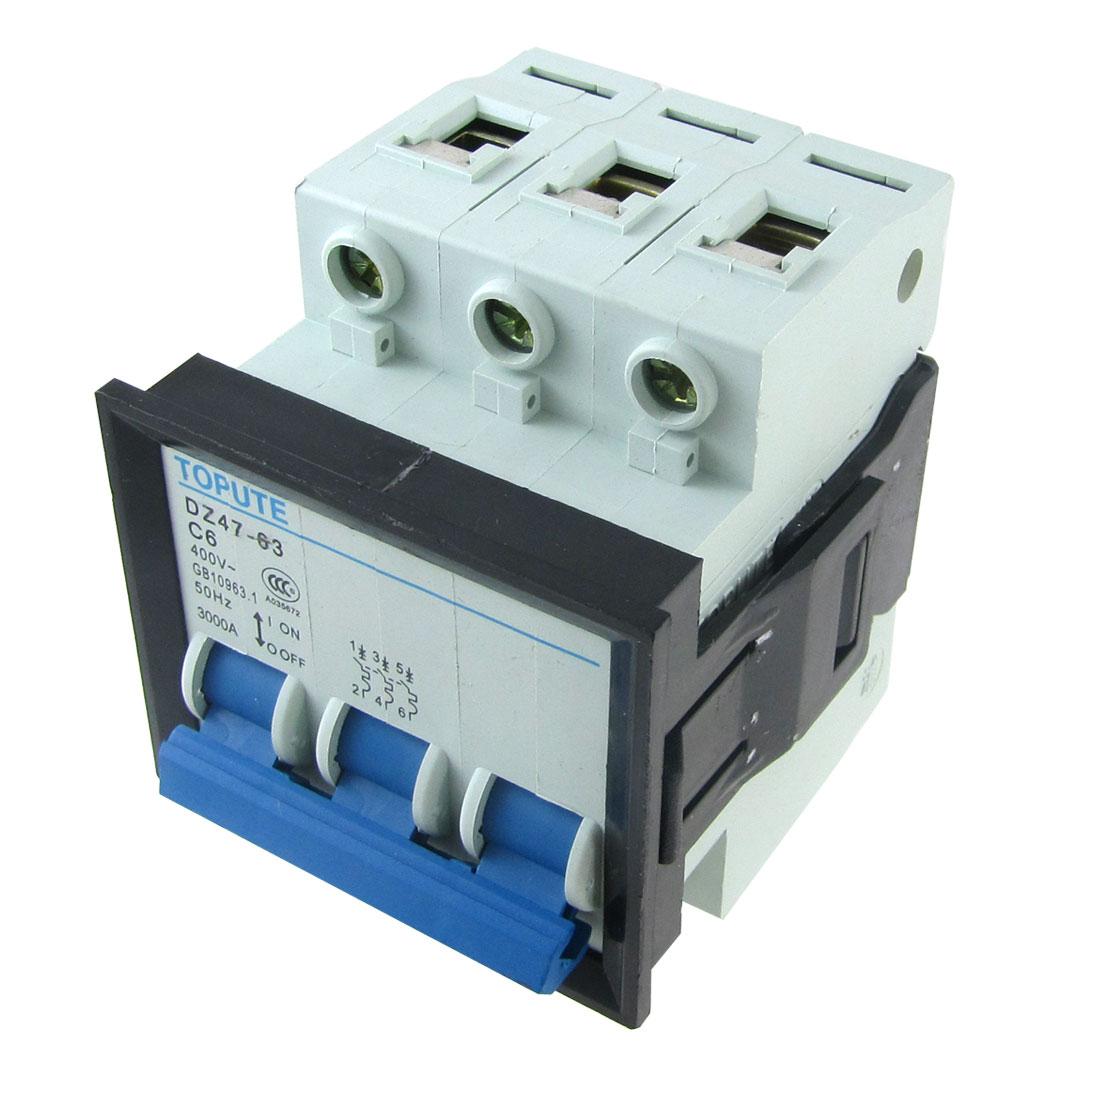 AC 400V 6A 3 Poles 3P MCB Miniature Circuit Breaker DZ47-63 C6